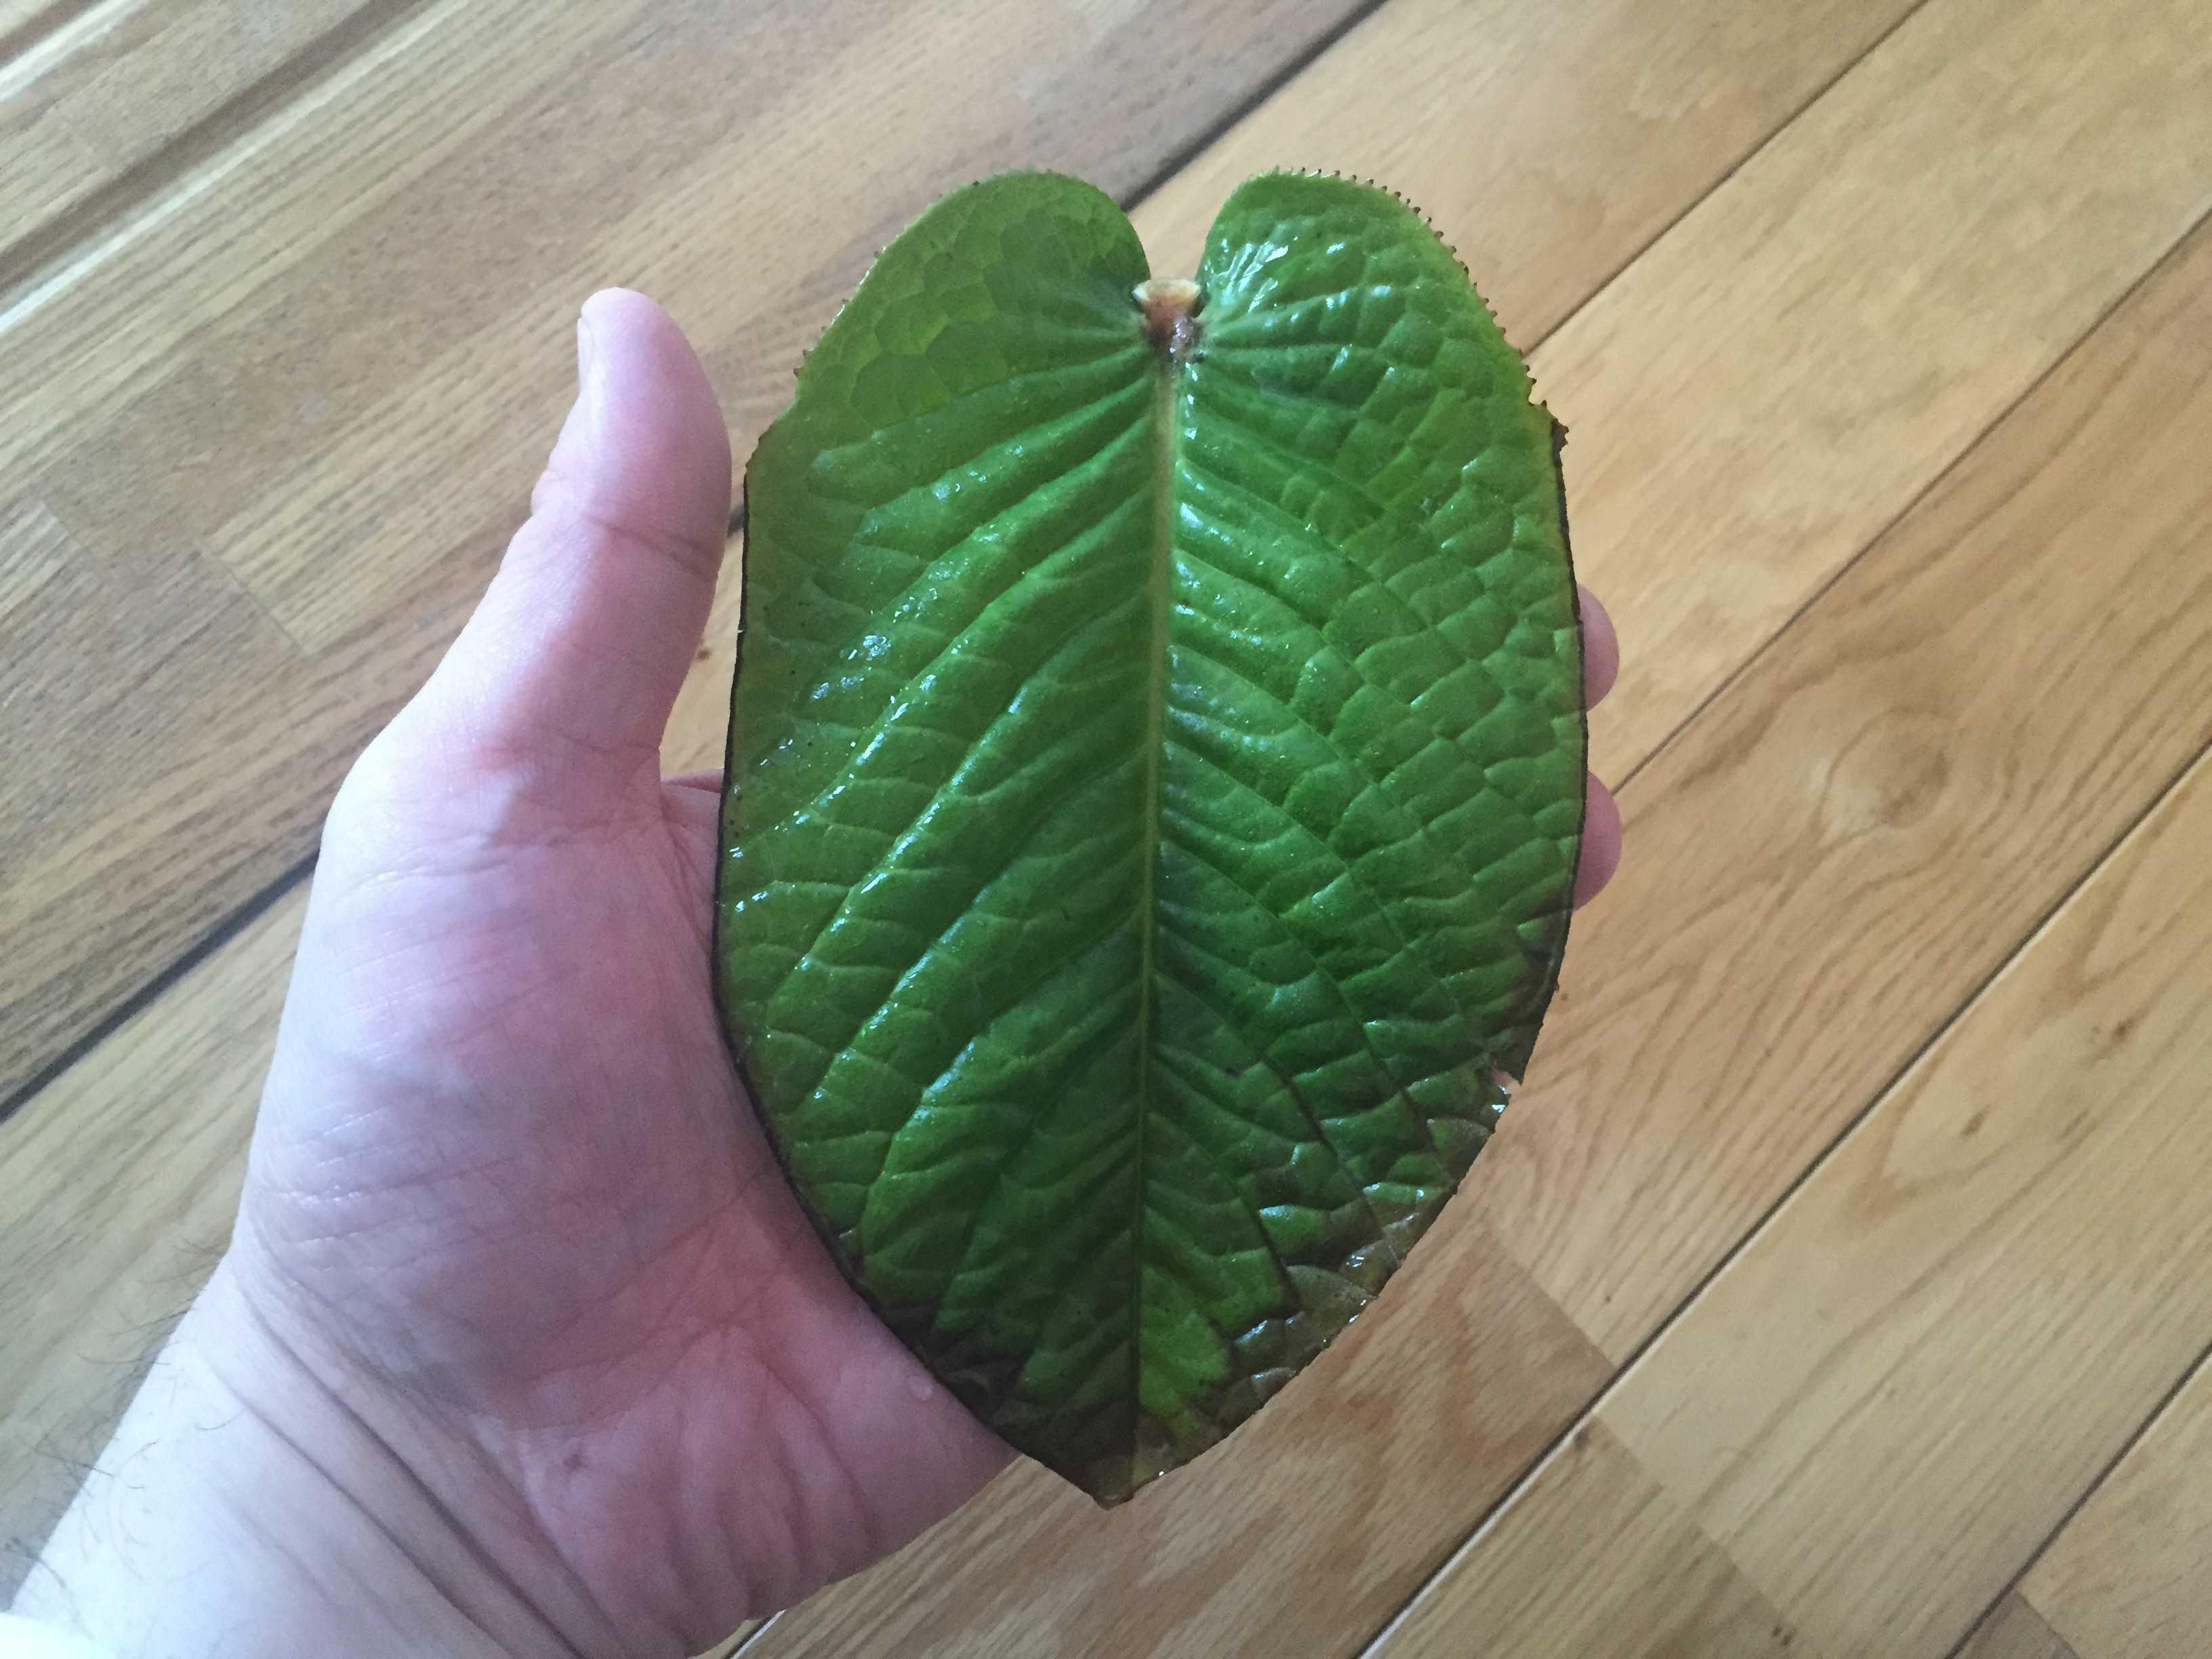 原種椿「ムラウチイ」の葉身 - 葉の表面